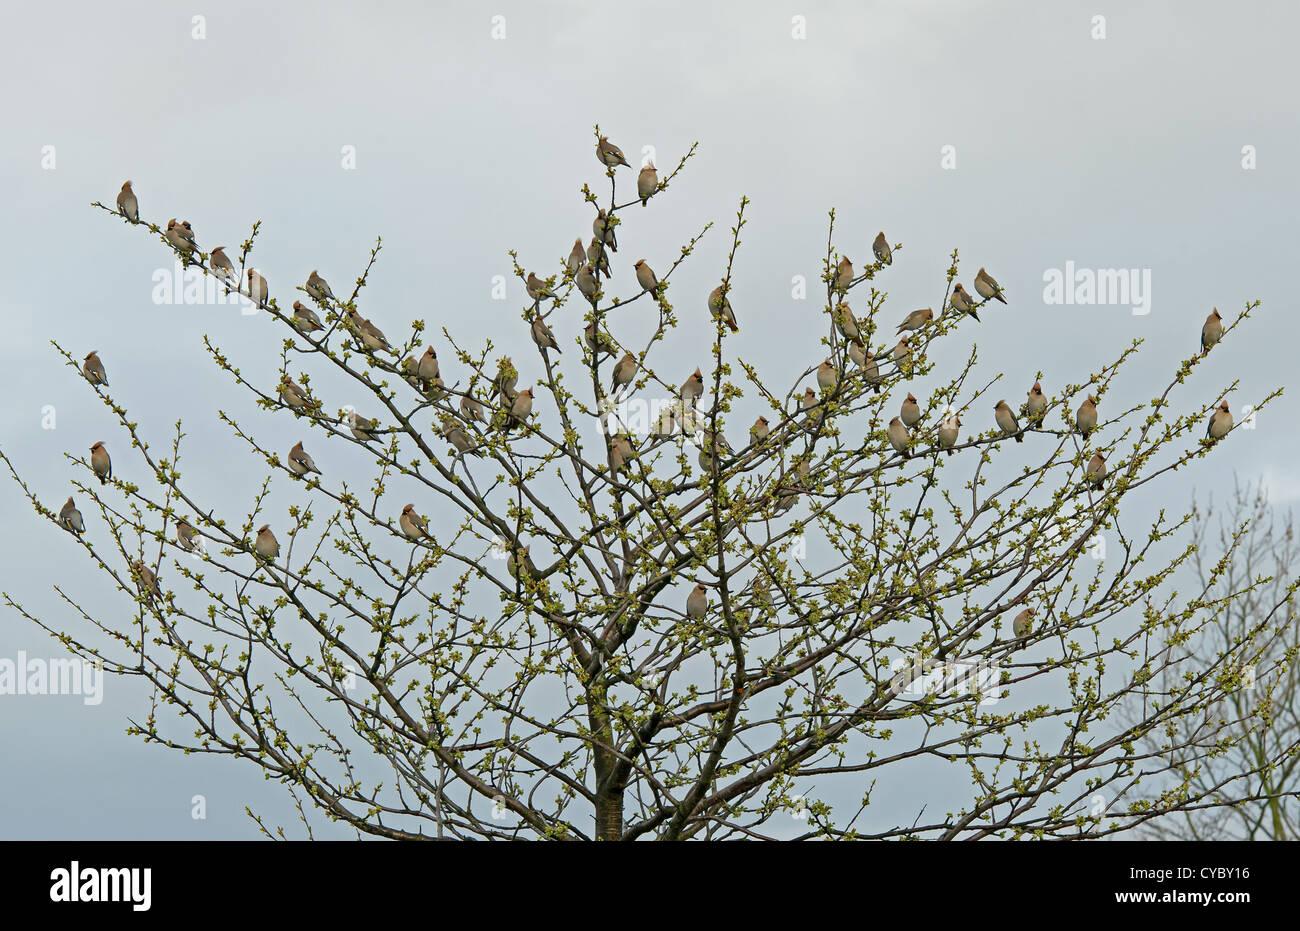 Bohemian Waxwing grey sat en el árbol a comienzos de la primavera en el REINO UNIDO Imagen De Stock